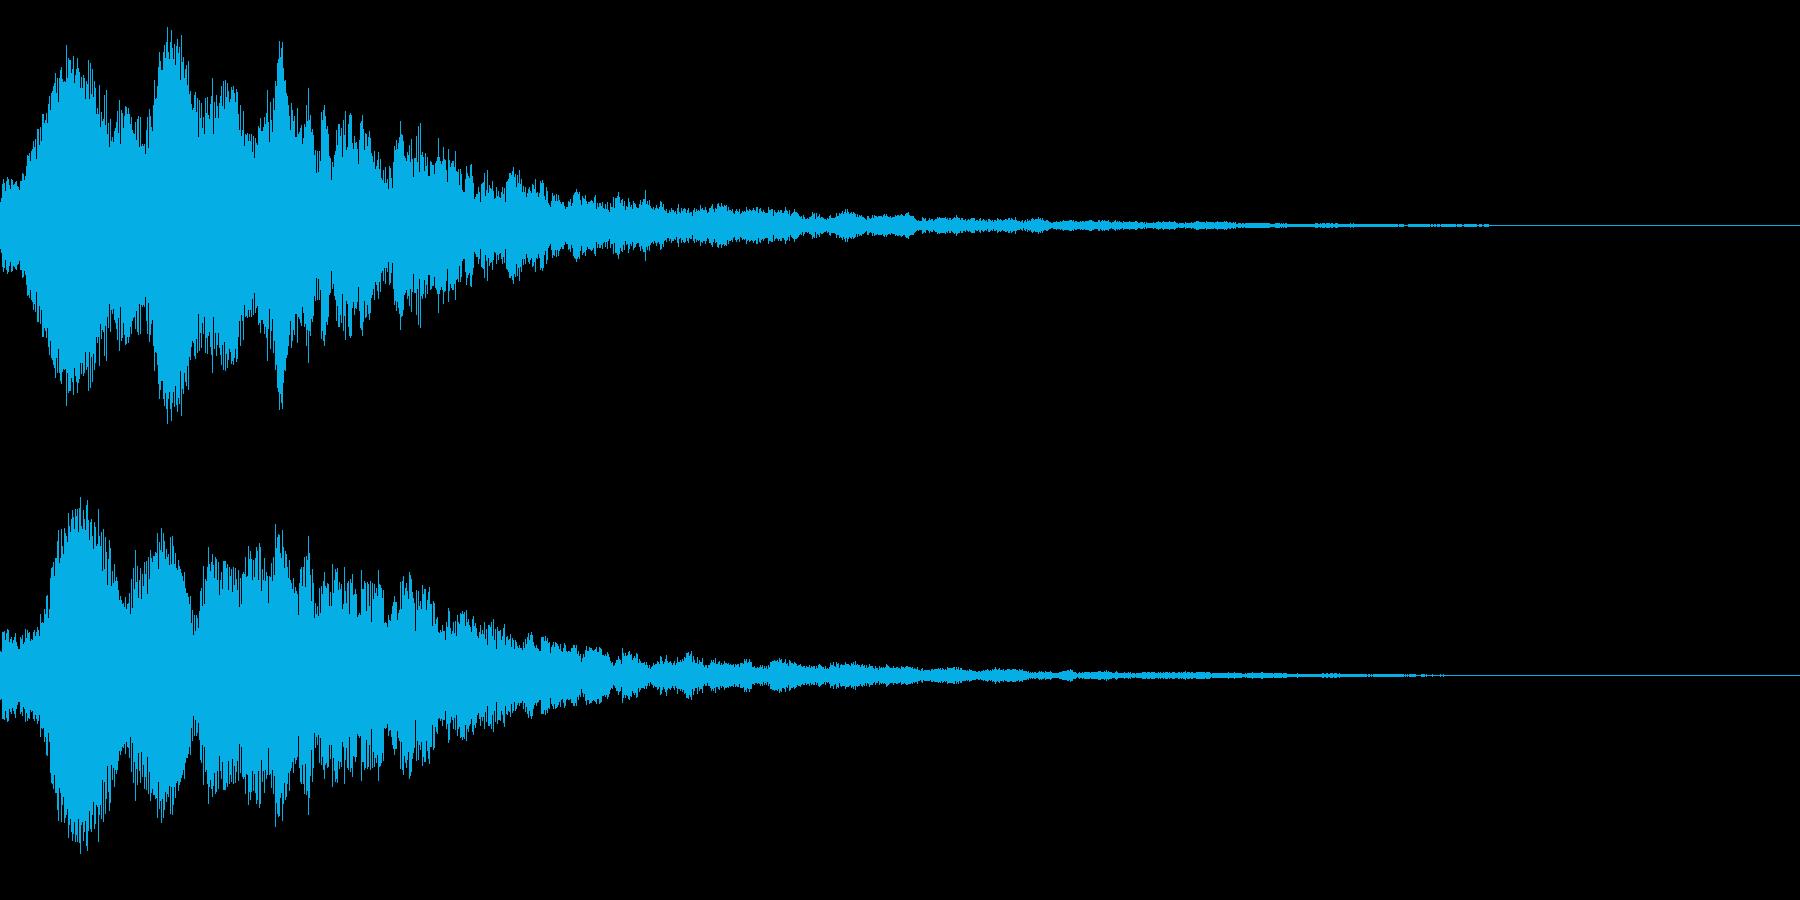 明るいテロップ音 ボタン音 魔法!6bの再生済みの波形